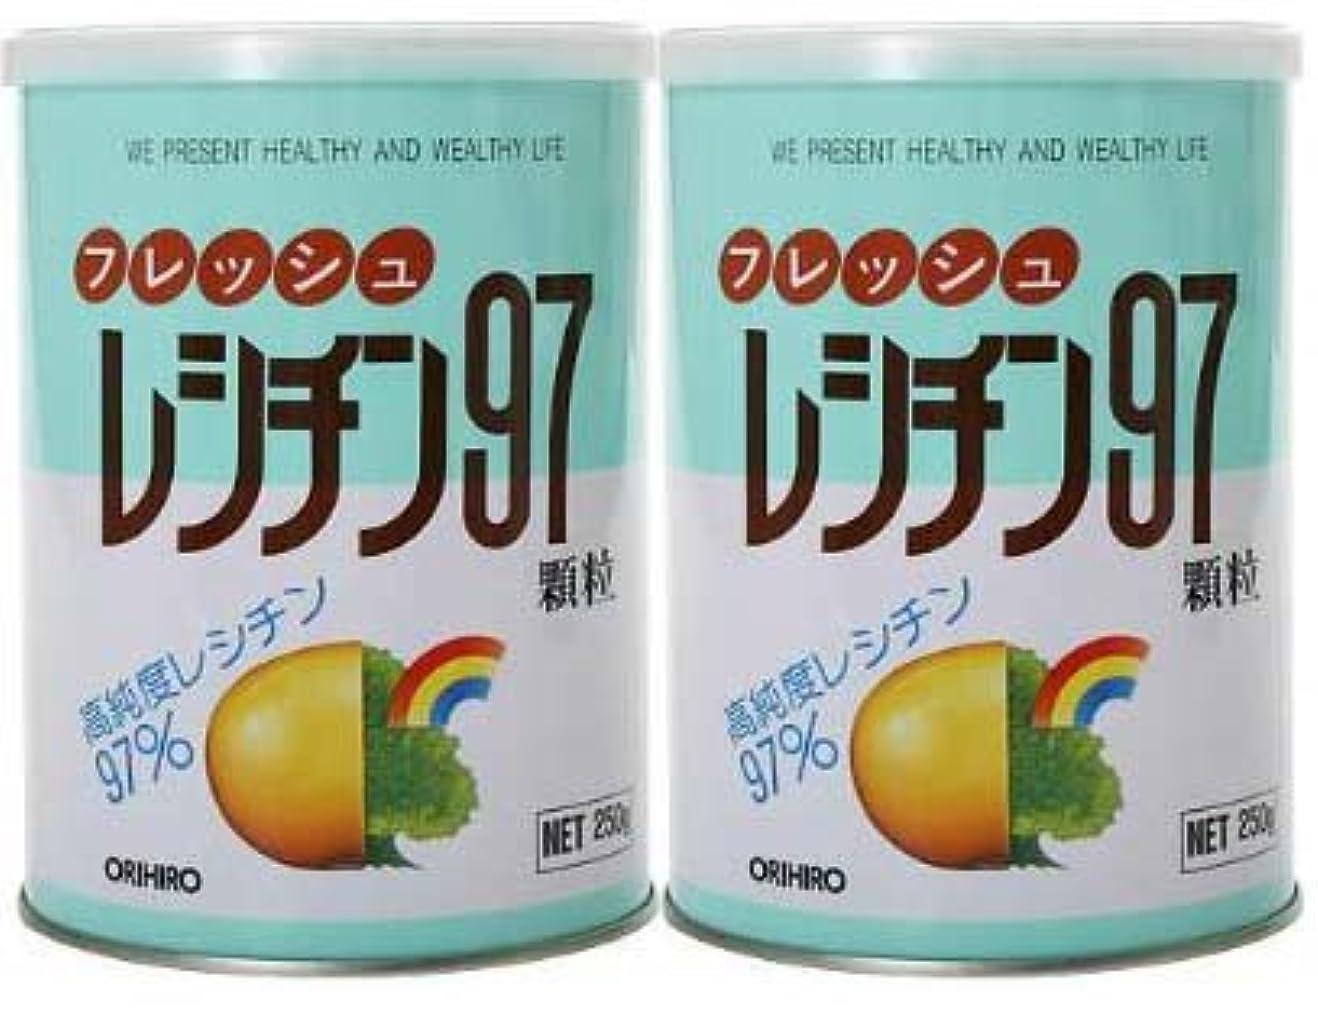 アサートベアリング準拠オリヒロ フレッシュレシチン97 250g【2缶セット】